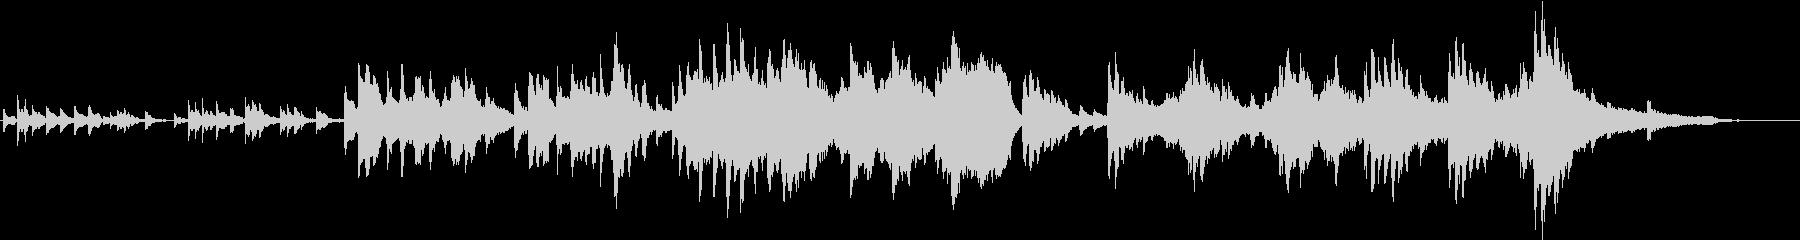 幻想的なオルゴールとピアノ、弦楽の曲の未再生の波形